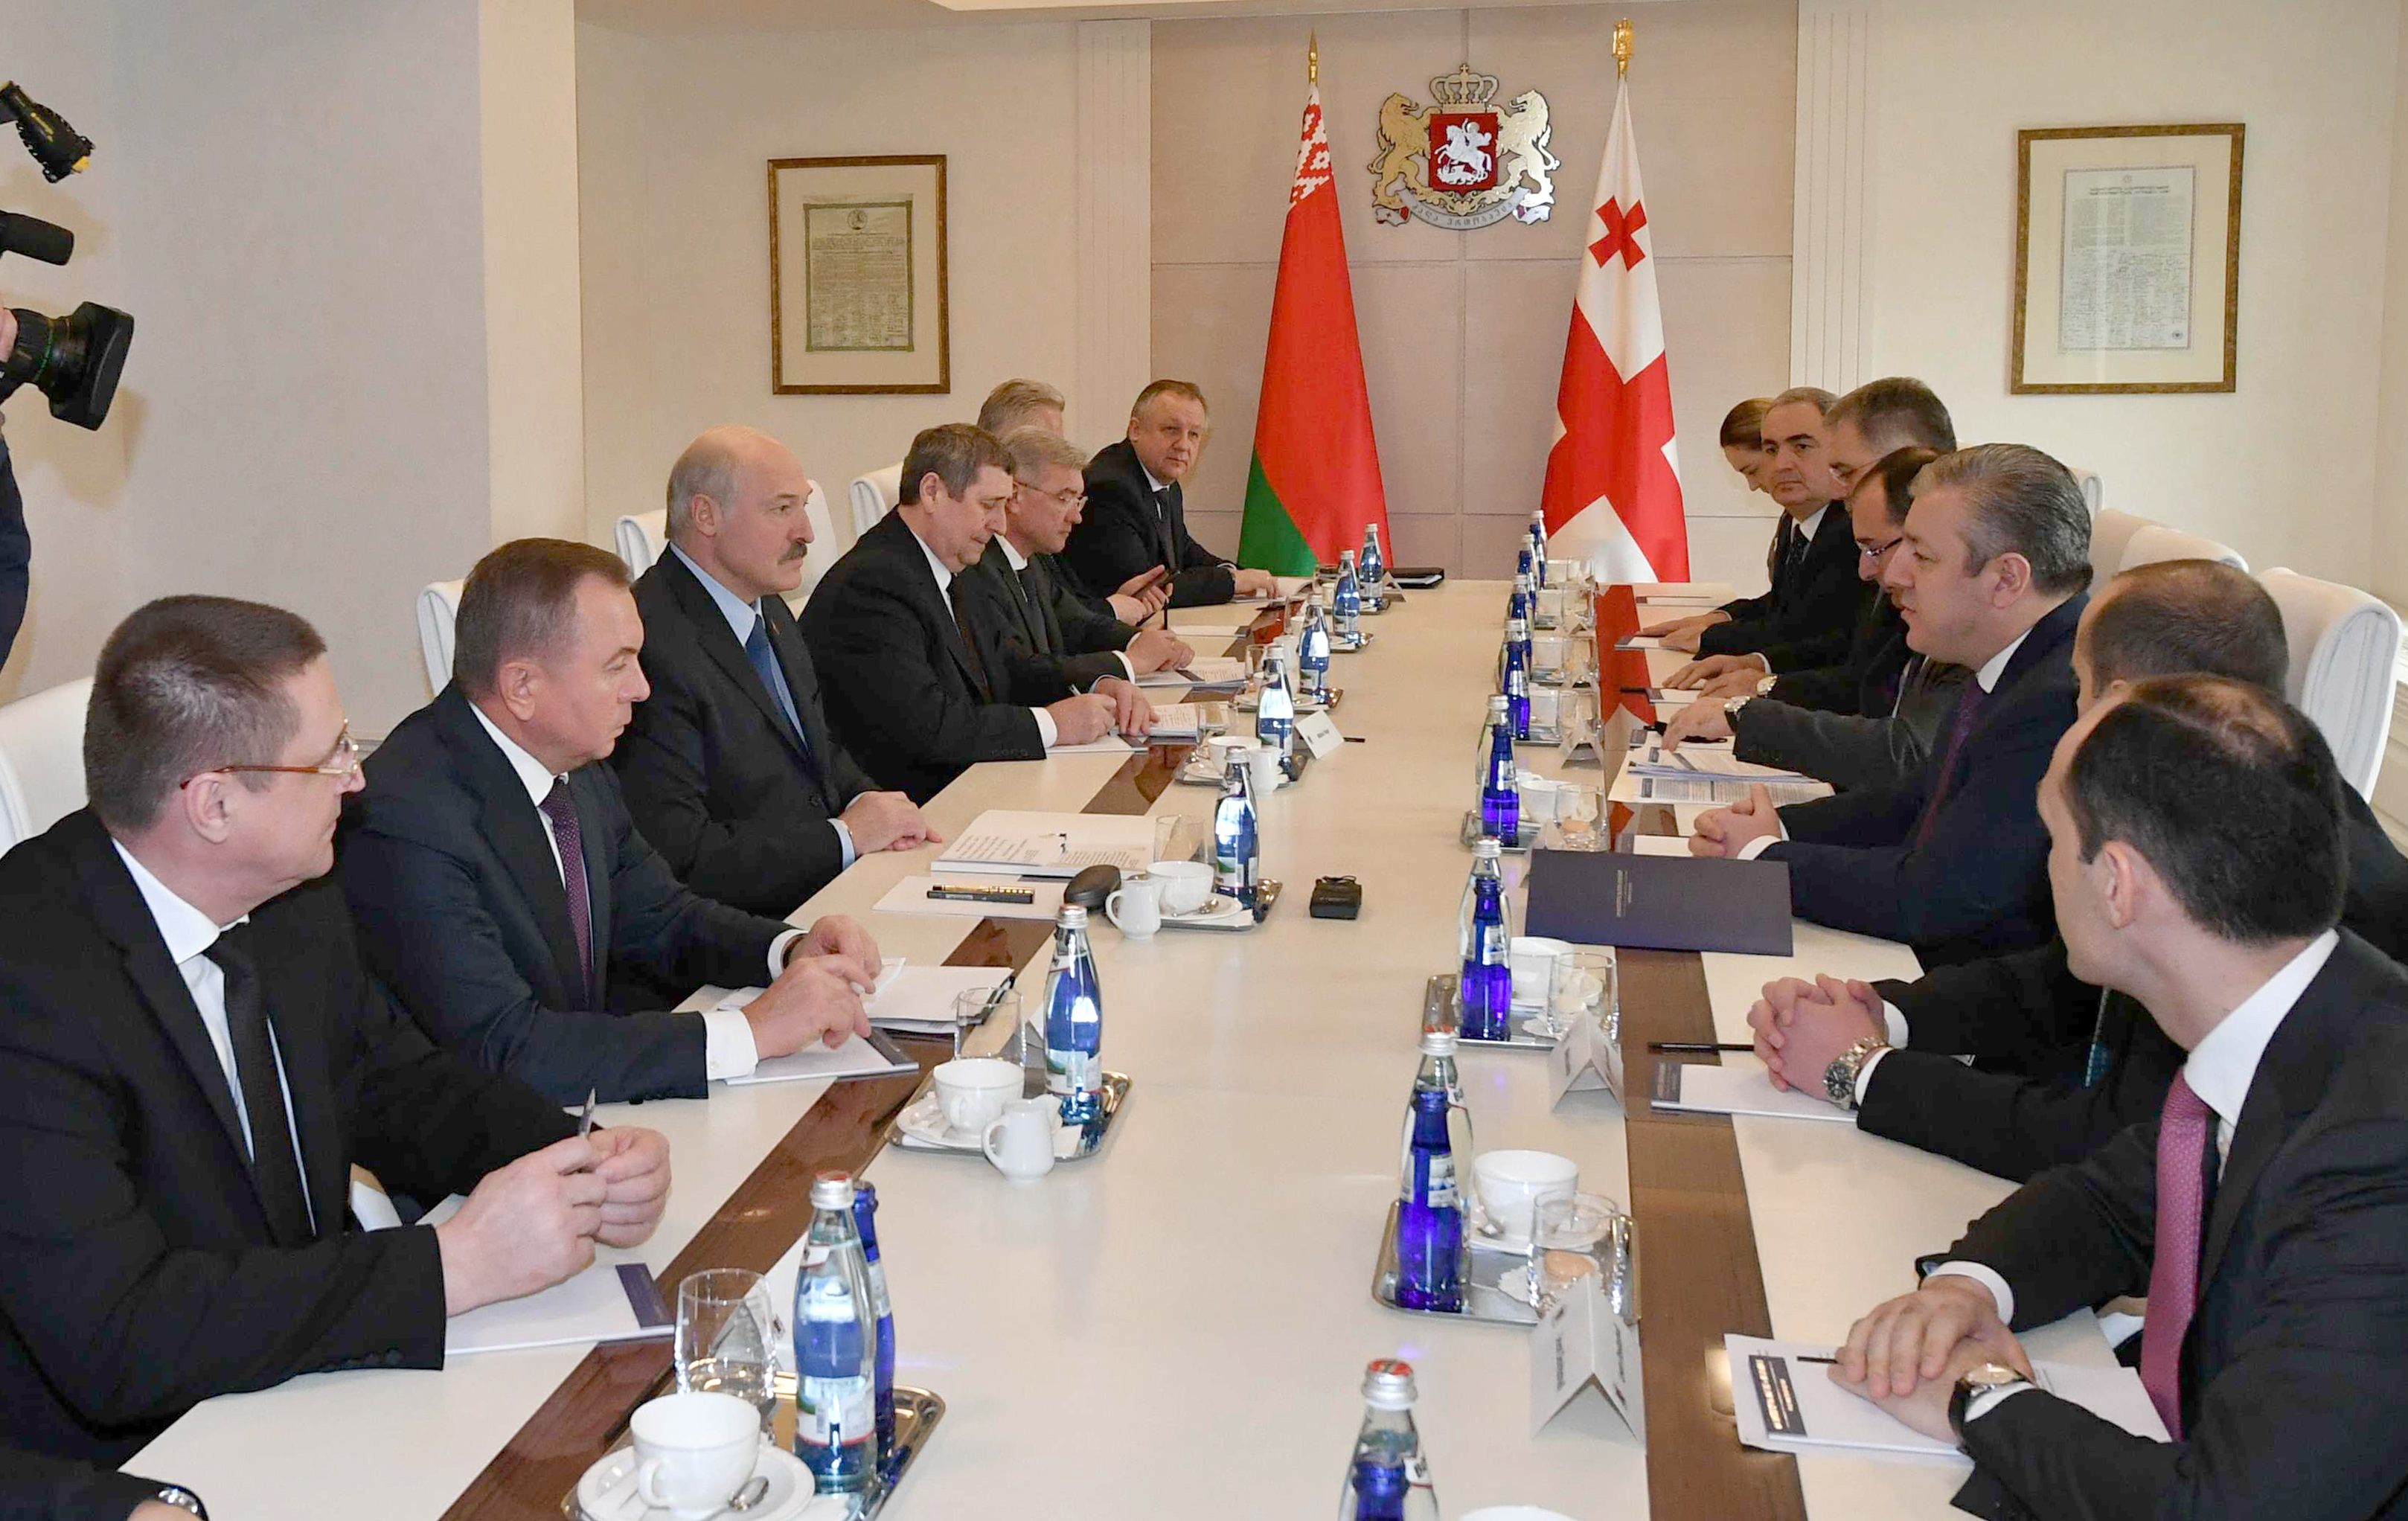 Лукашенко преподнес грузинскому президенту удивительный дорогостоящий подарок